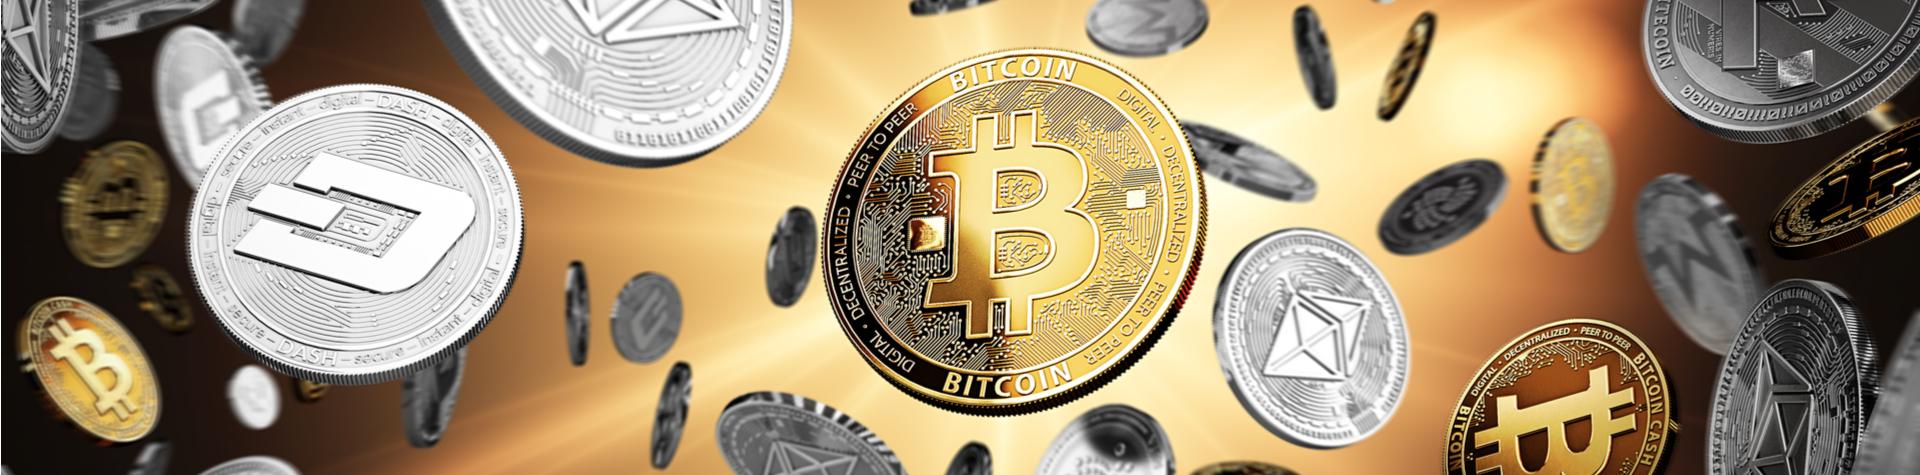 מטבעות דיגיטליים קניית